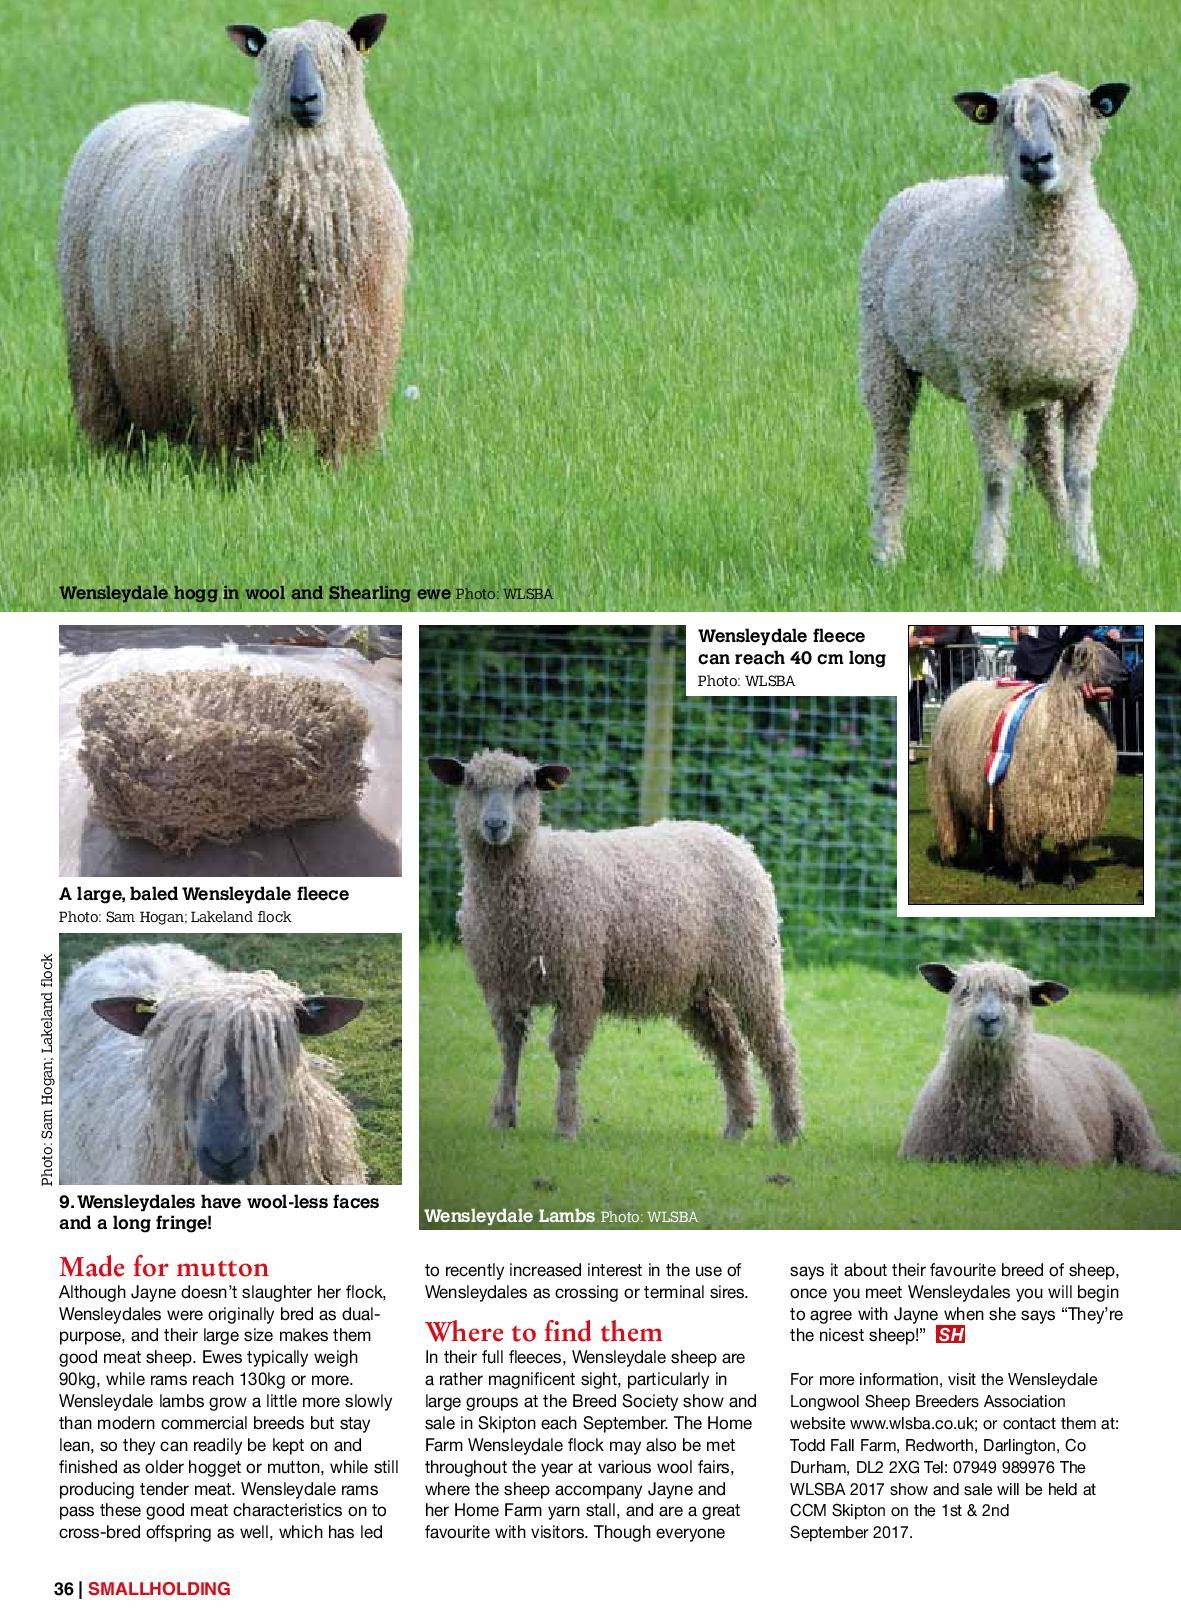 Wensleydale Sheep - Wensleydale Longwool Sheep Breeders' Assoication